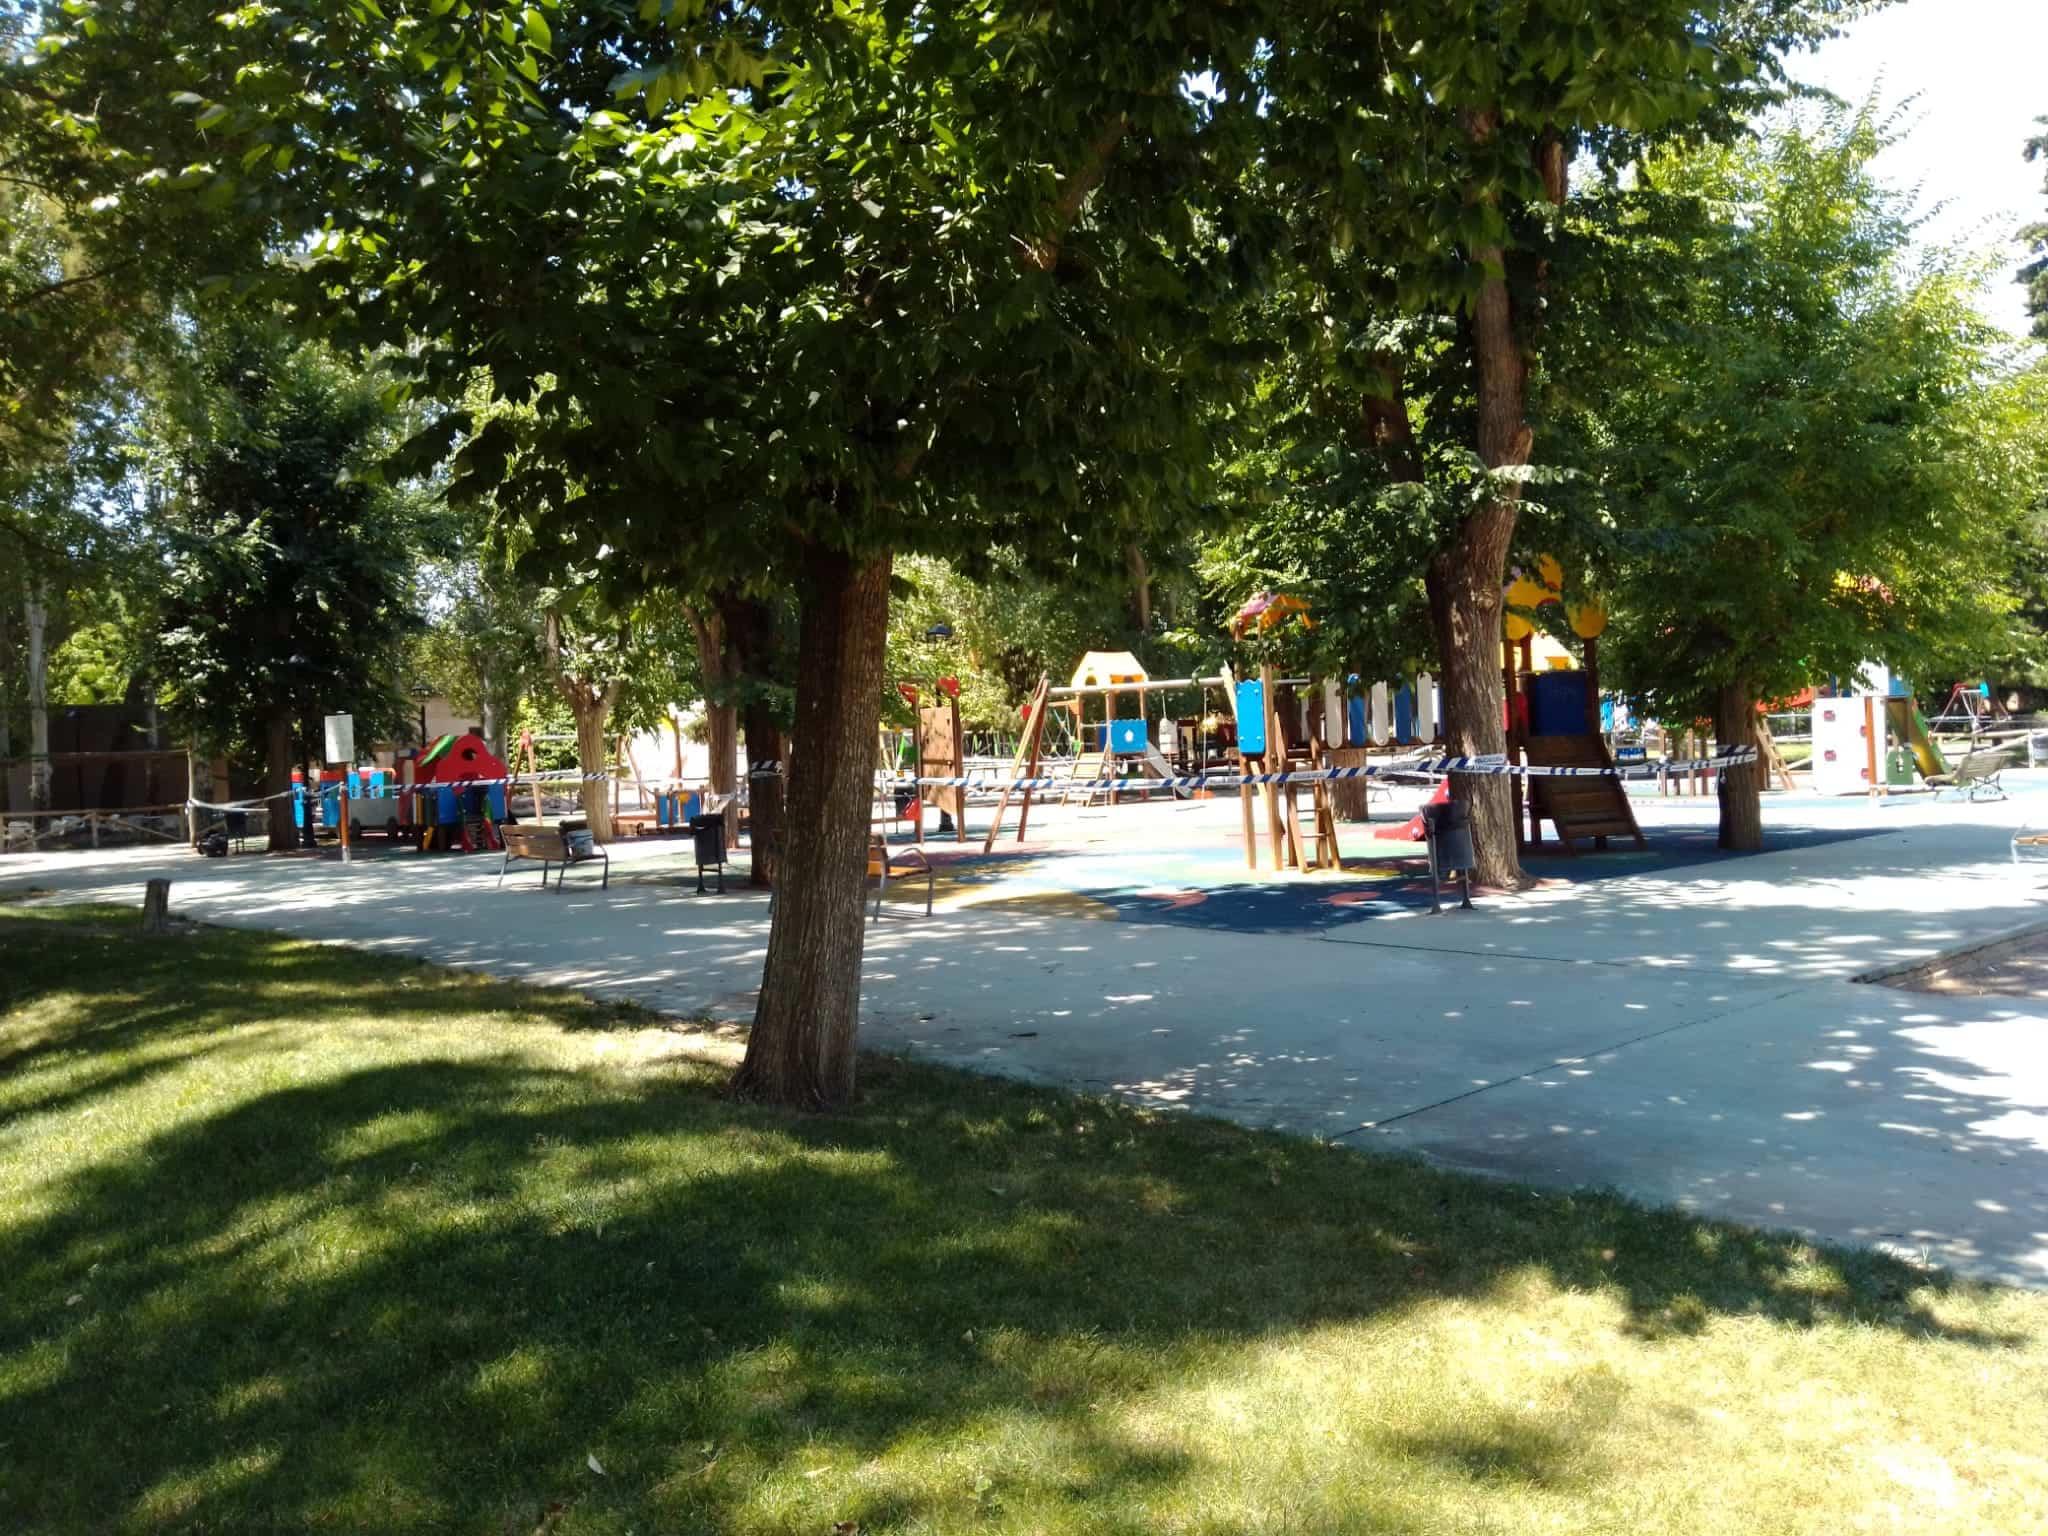 Herencia reabre sus parques infantiles bajo un protocolo diario de limpieza y desinfección 3